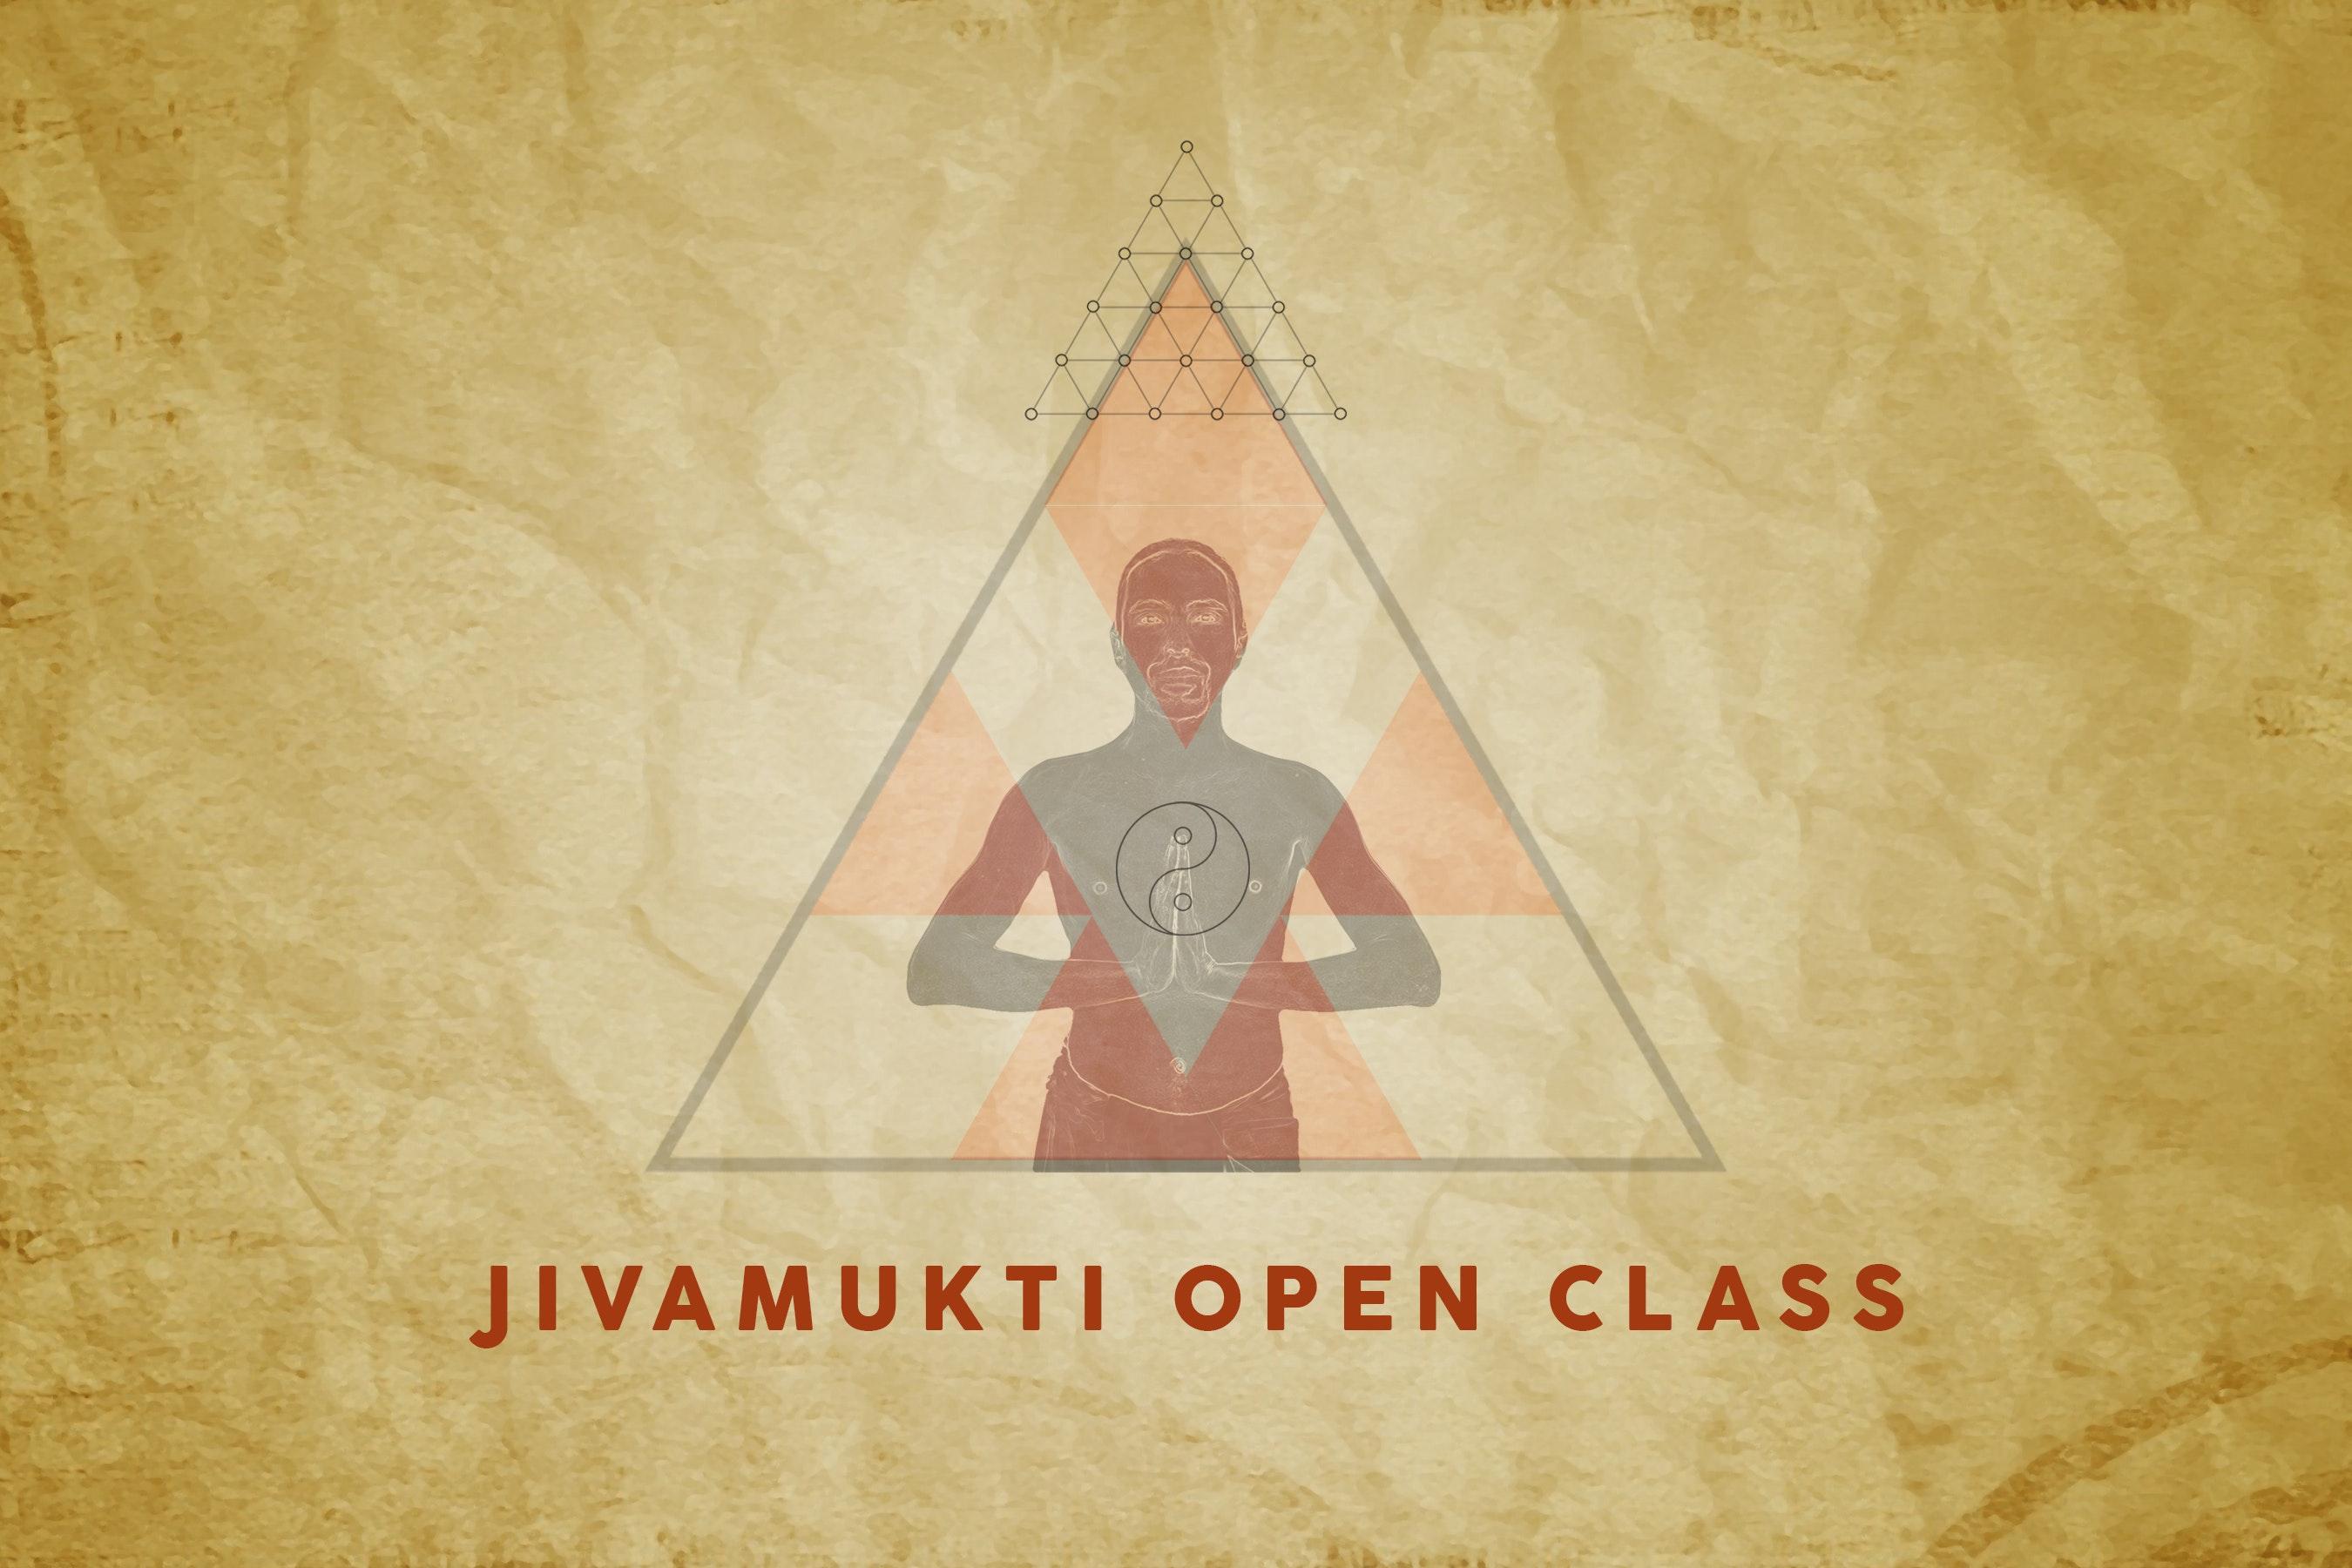 Jivamukti Open Class